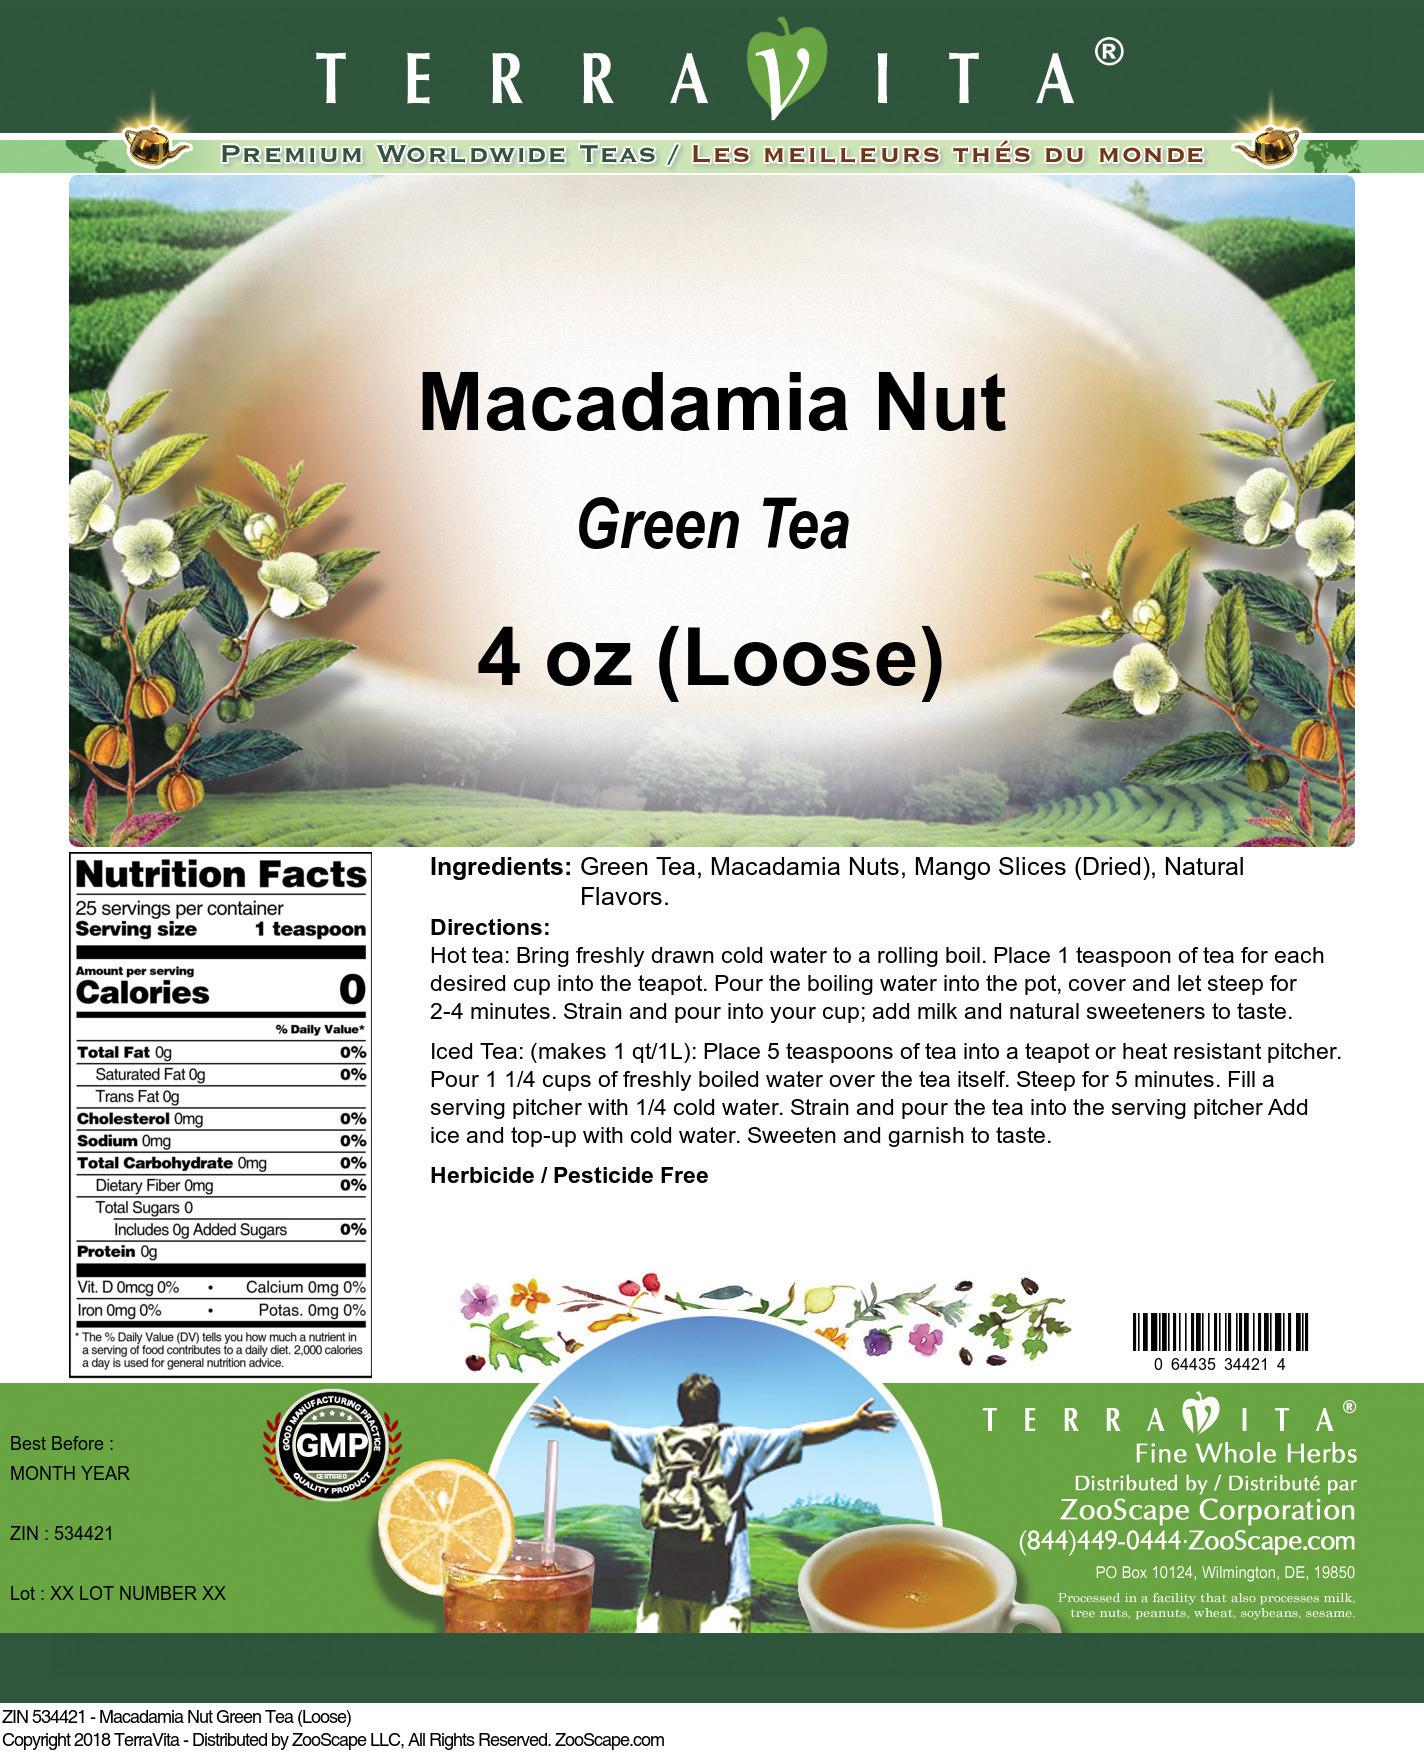 Macadamia Nut Green Tea (Loose)